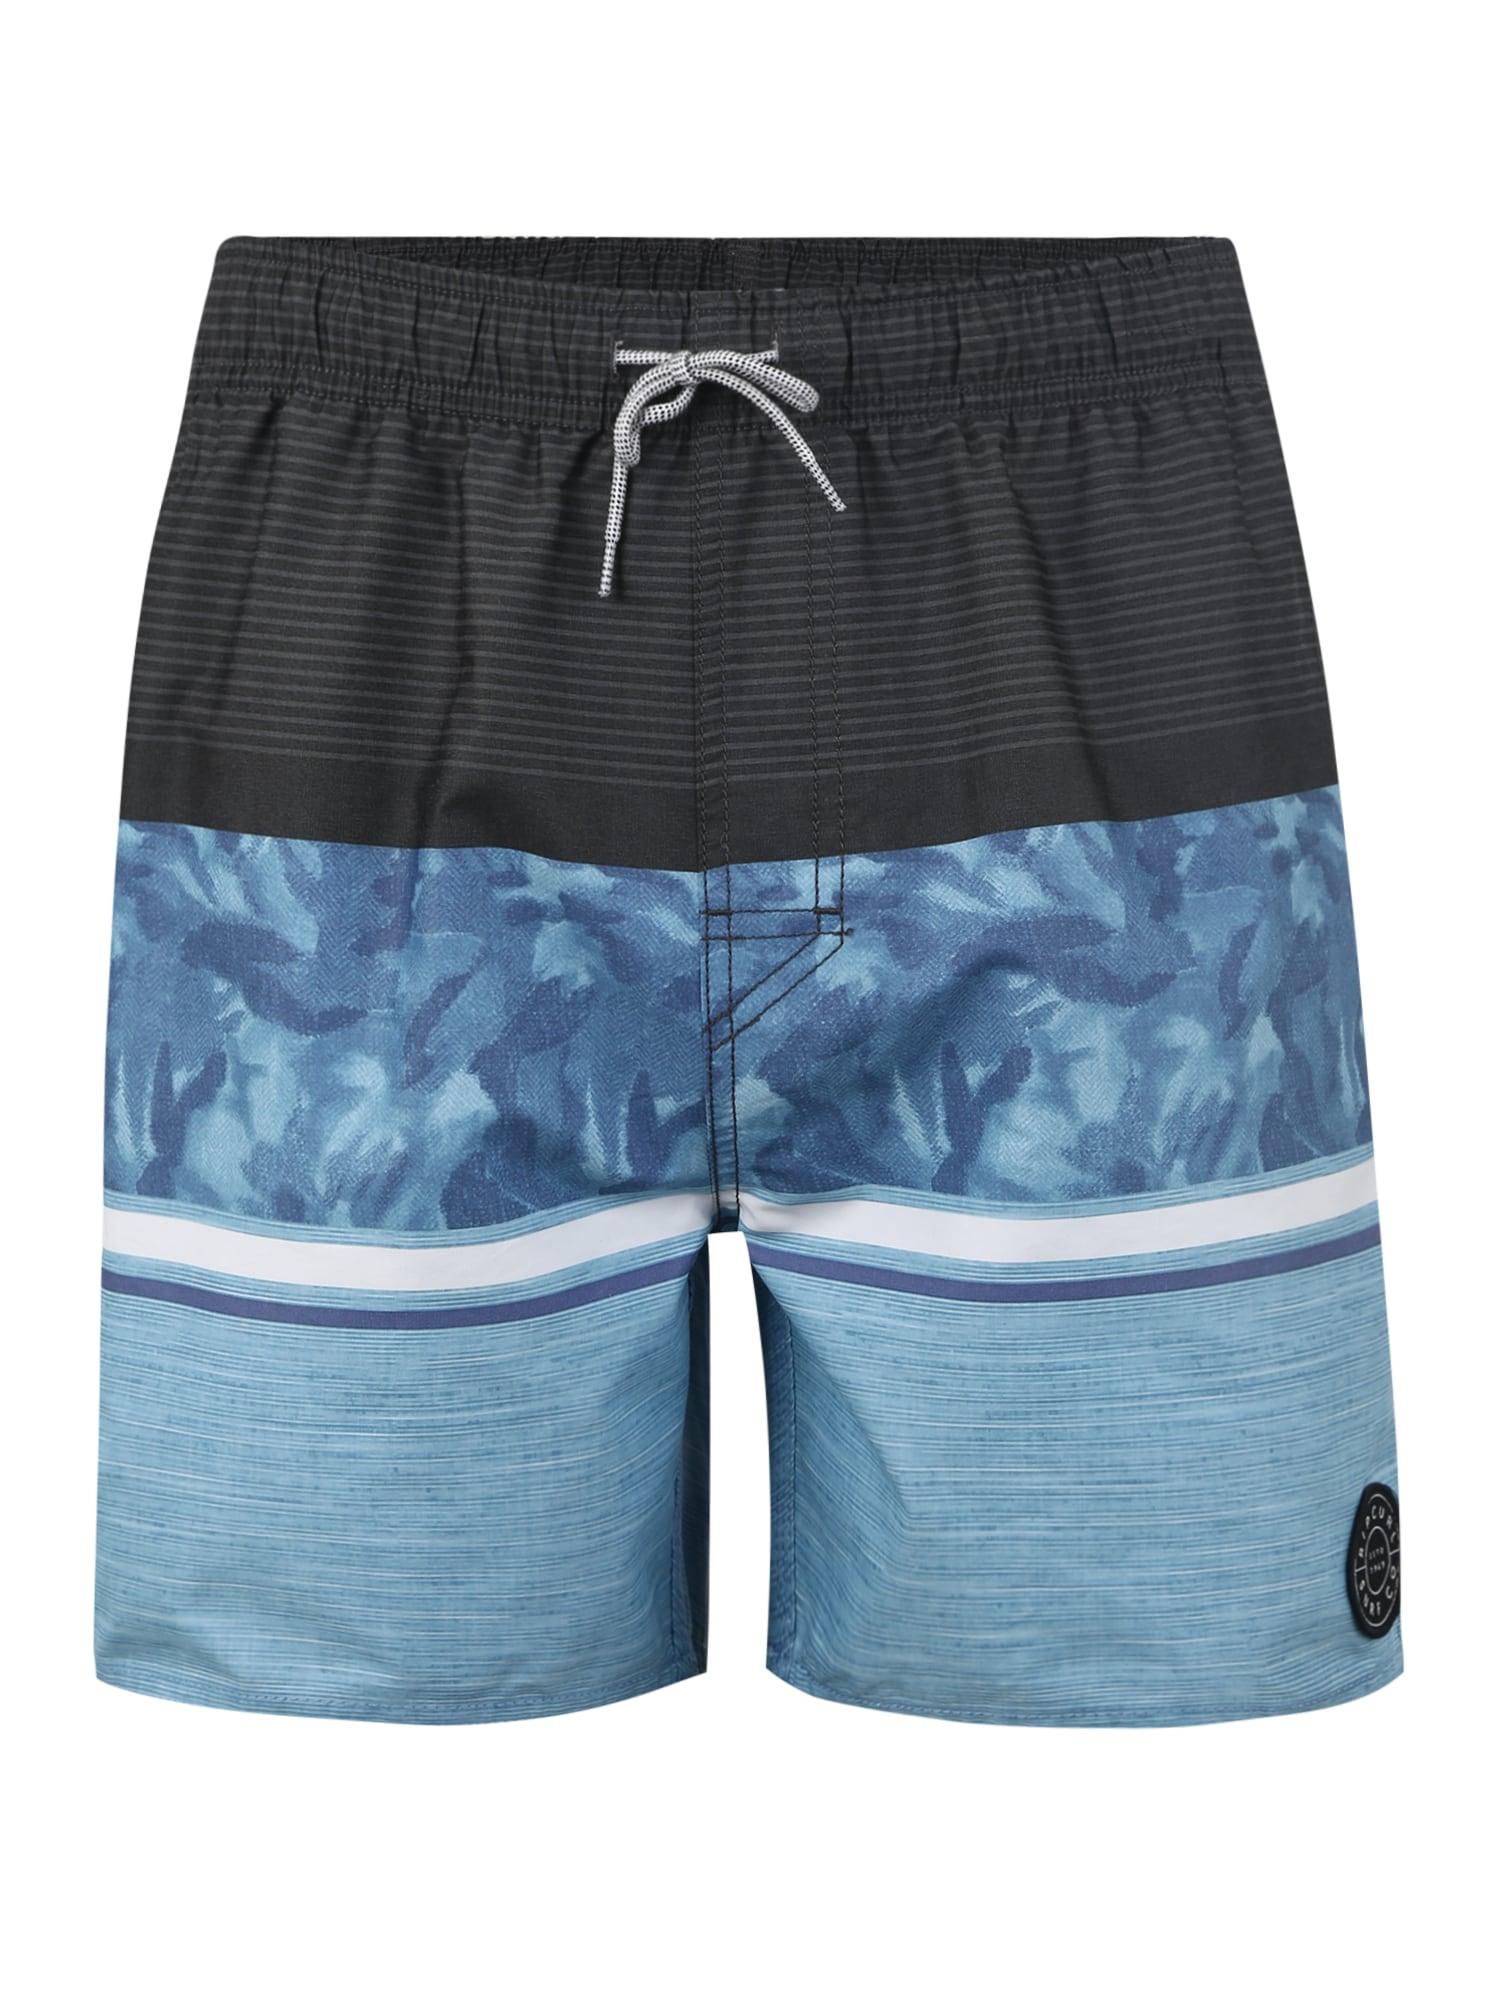 Plavecké šortky VOLLEY TEAM SPIRIT 16 světlemodrá tmavě modrá RIP CURL